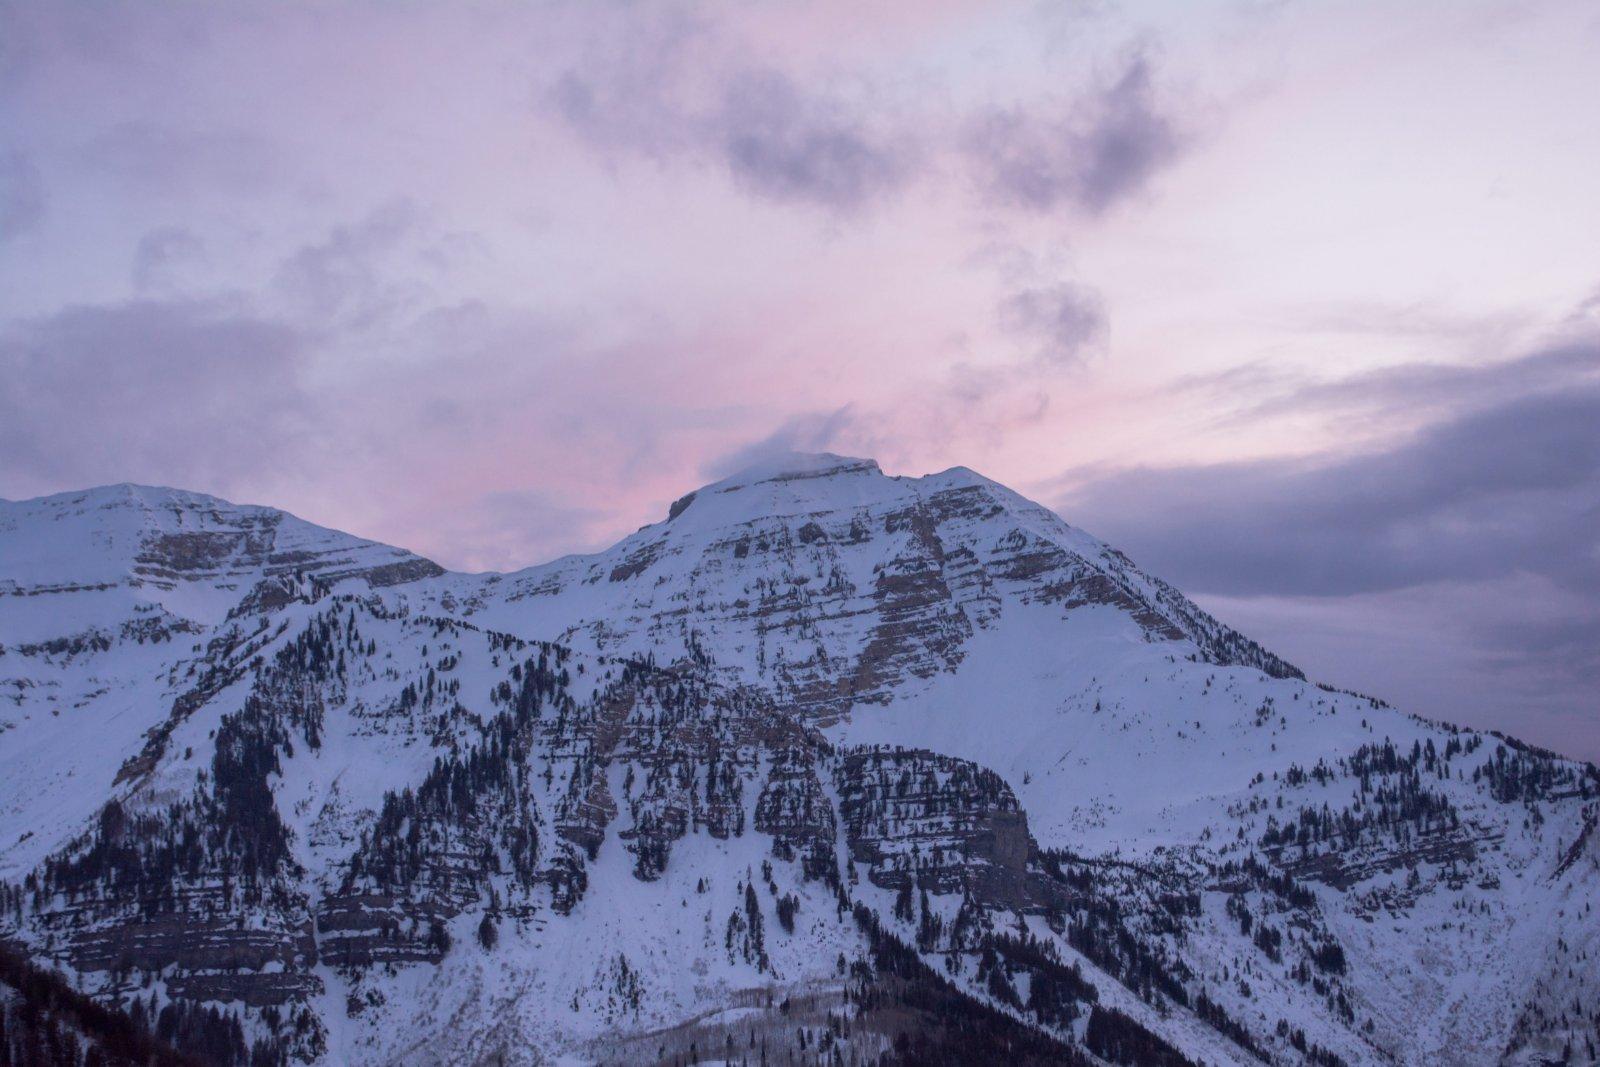 Timp Ridge Trail 4-20200094.jpg